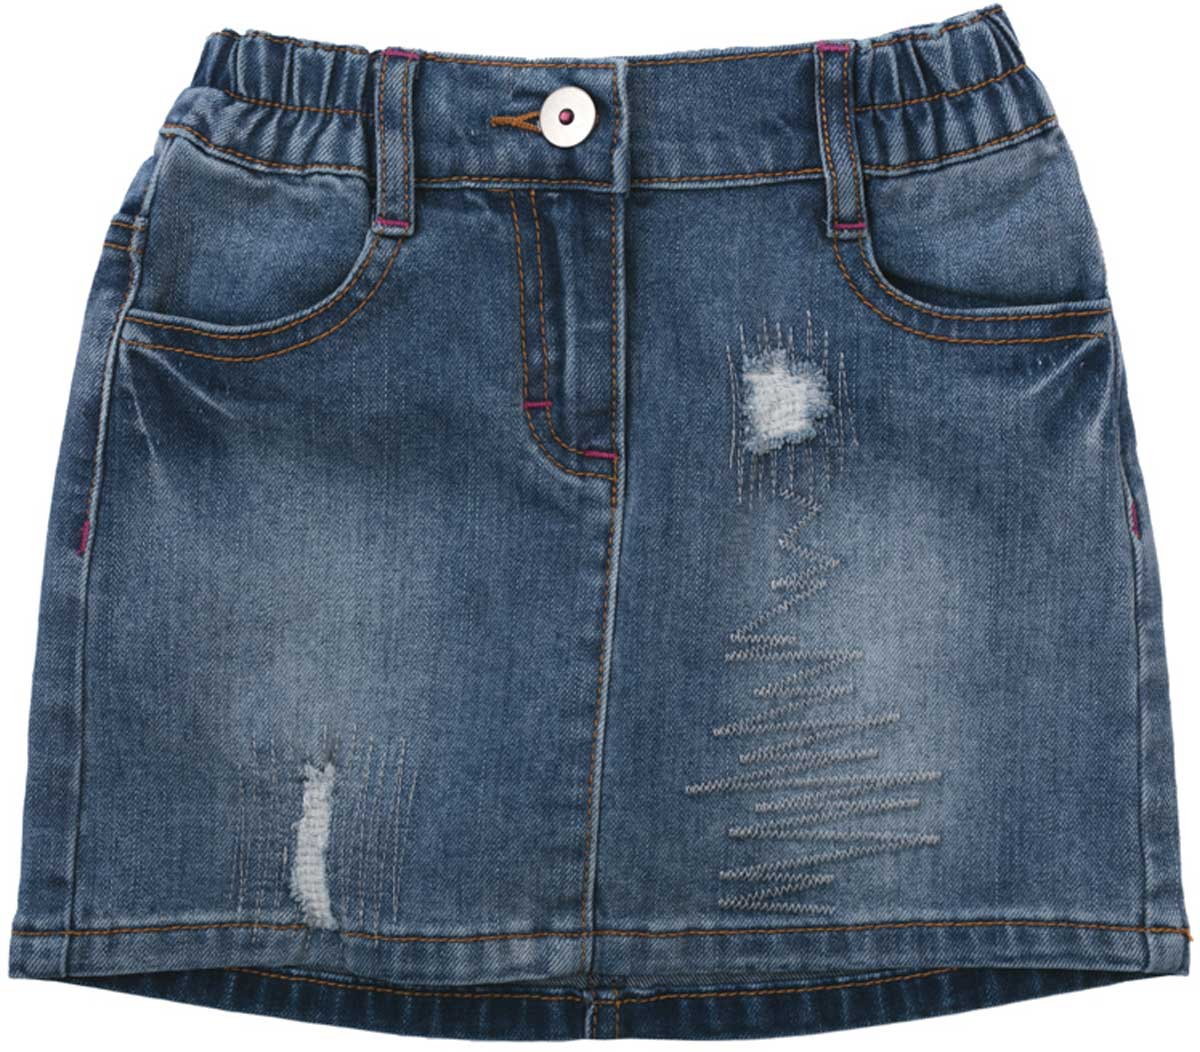 Юбка для девочки PlayToday, цвет: синий. 172062. Размер 110172062Яркая стильная юбка PlayToday станет хорошим дополнением детского гардероба. Юбка на резинке, мягкая ткань не сковывает движений ребенка. Материал приятен к телу и не вызывает раздражений.